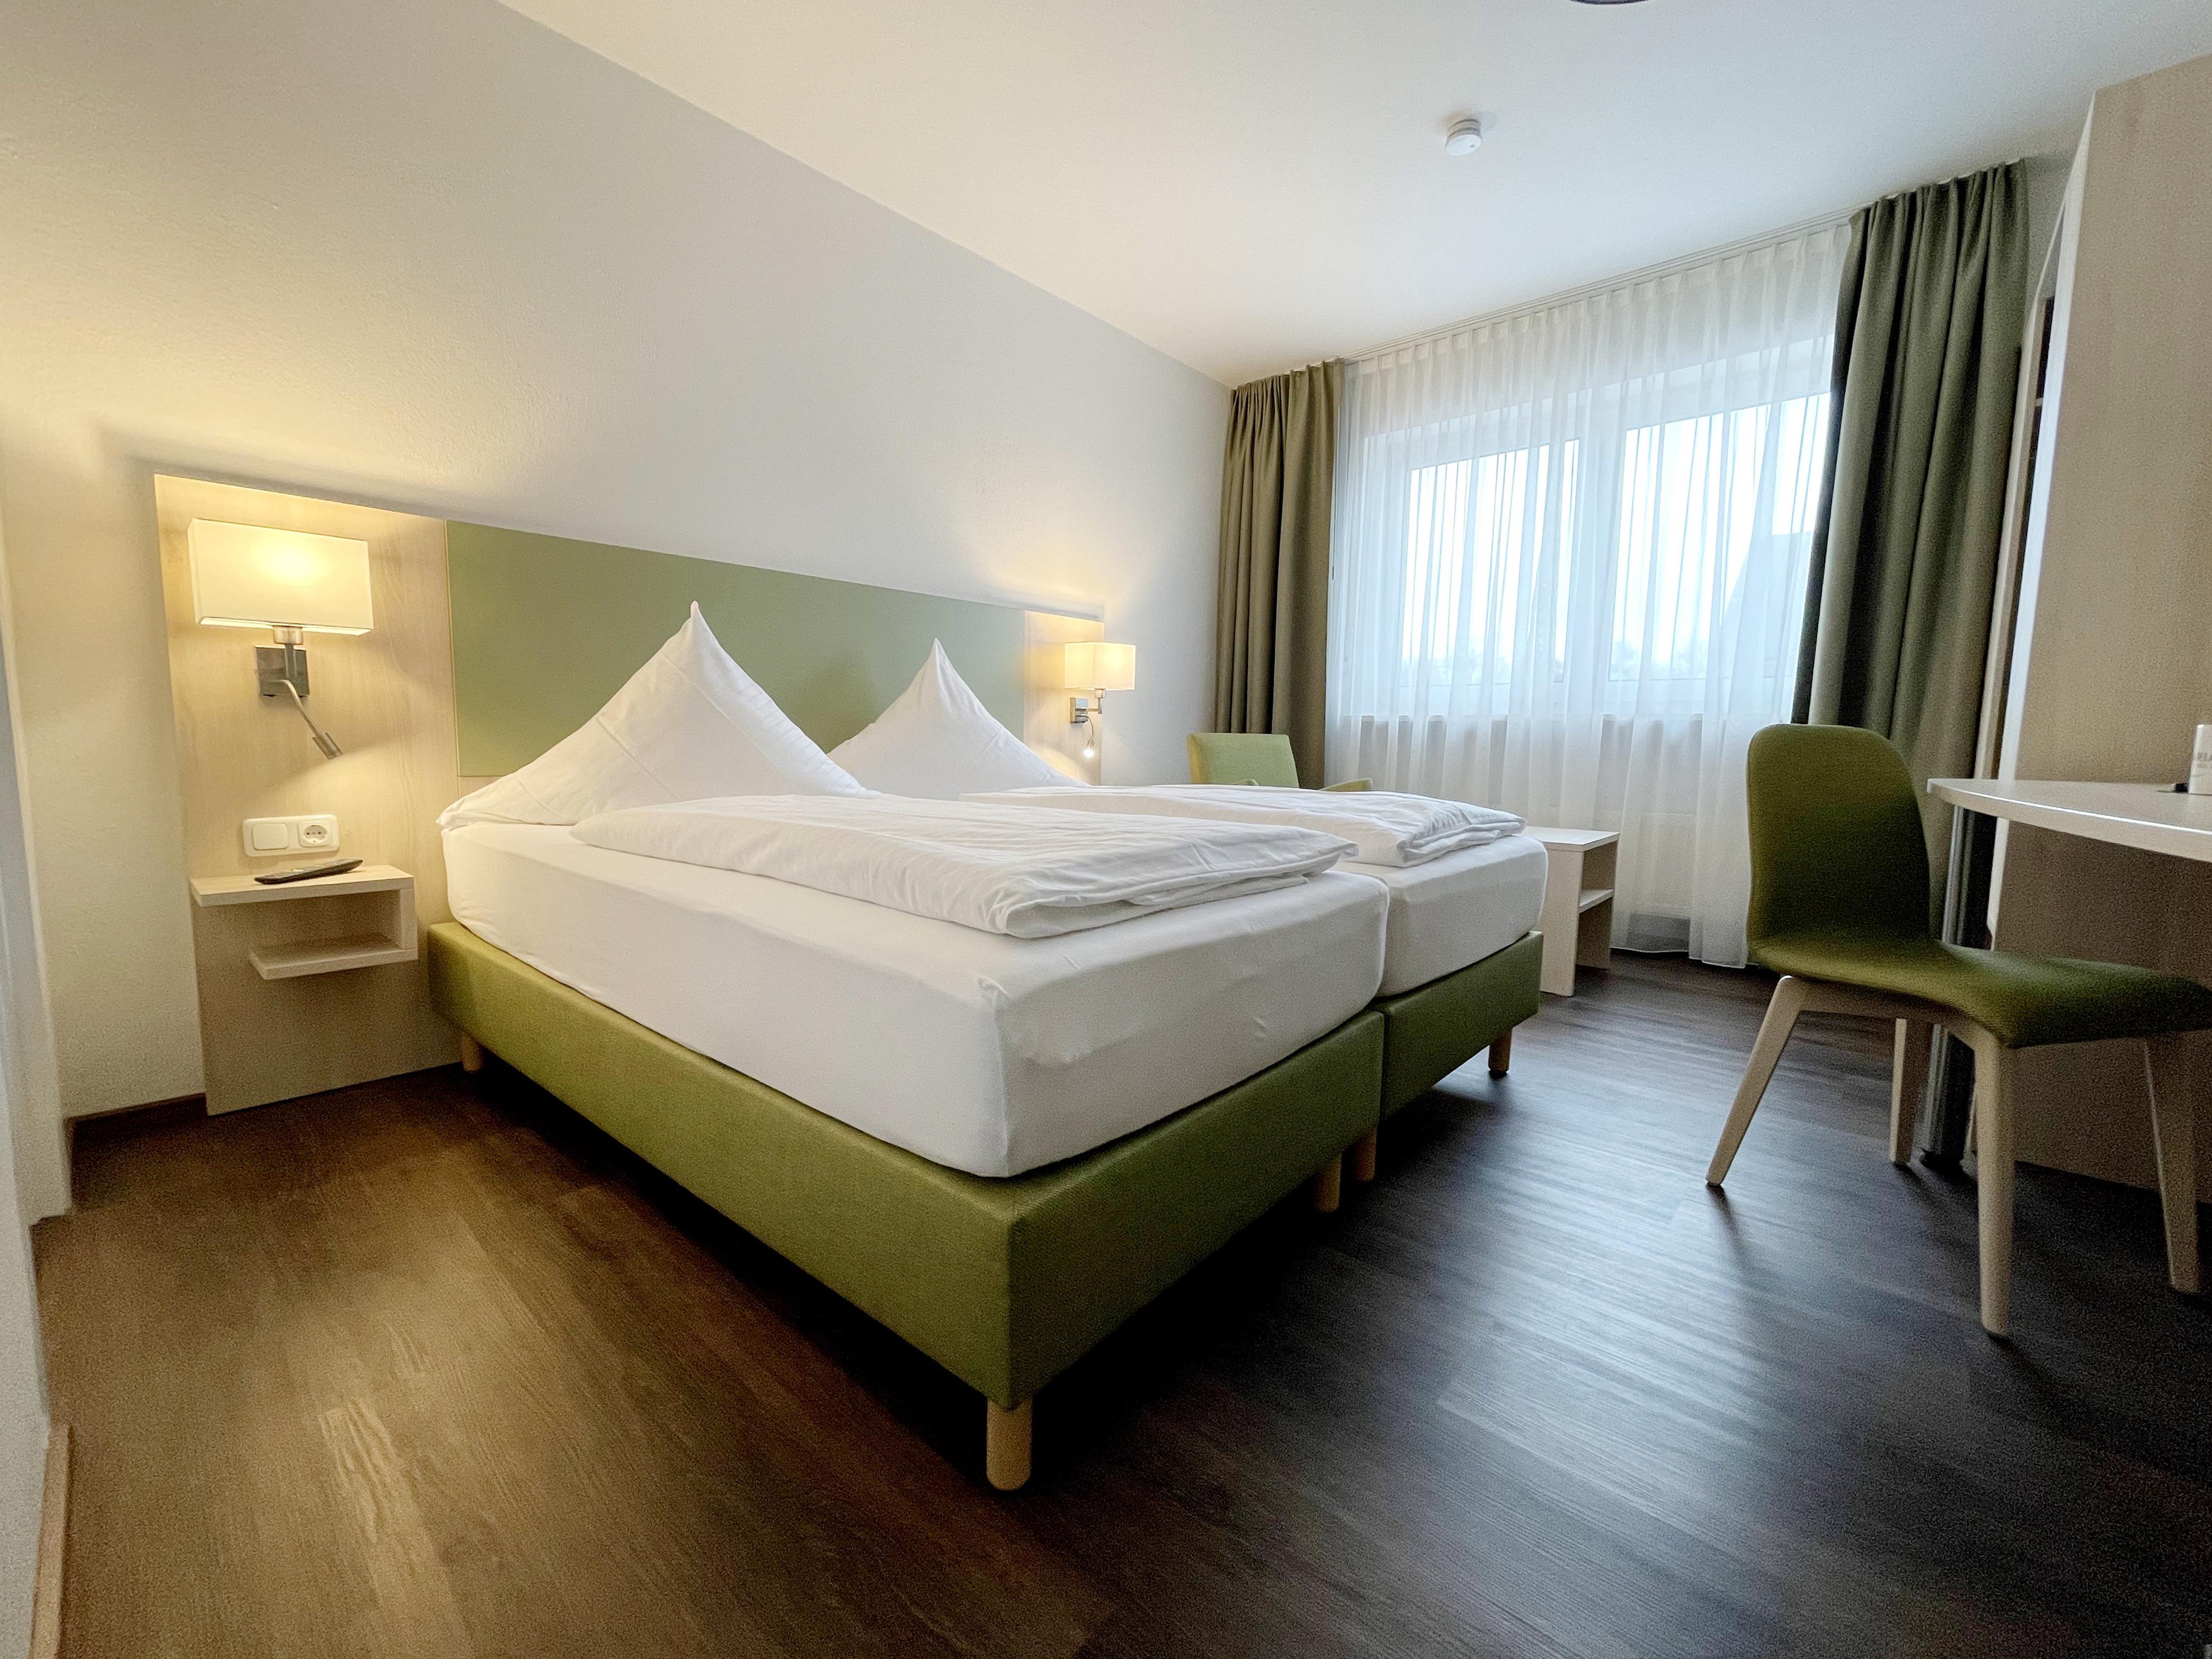 Helle und geräumige Zimmer im Hotel Nähe Flughafen München